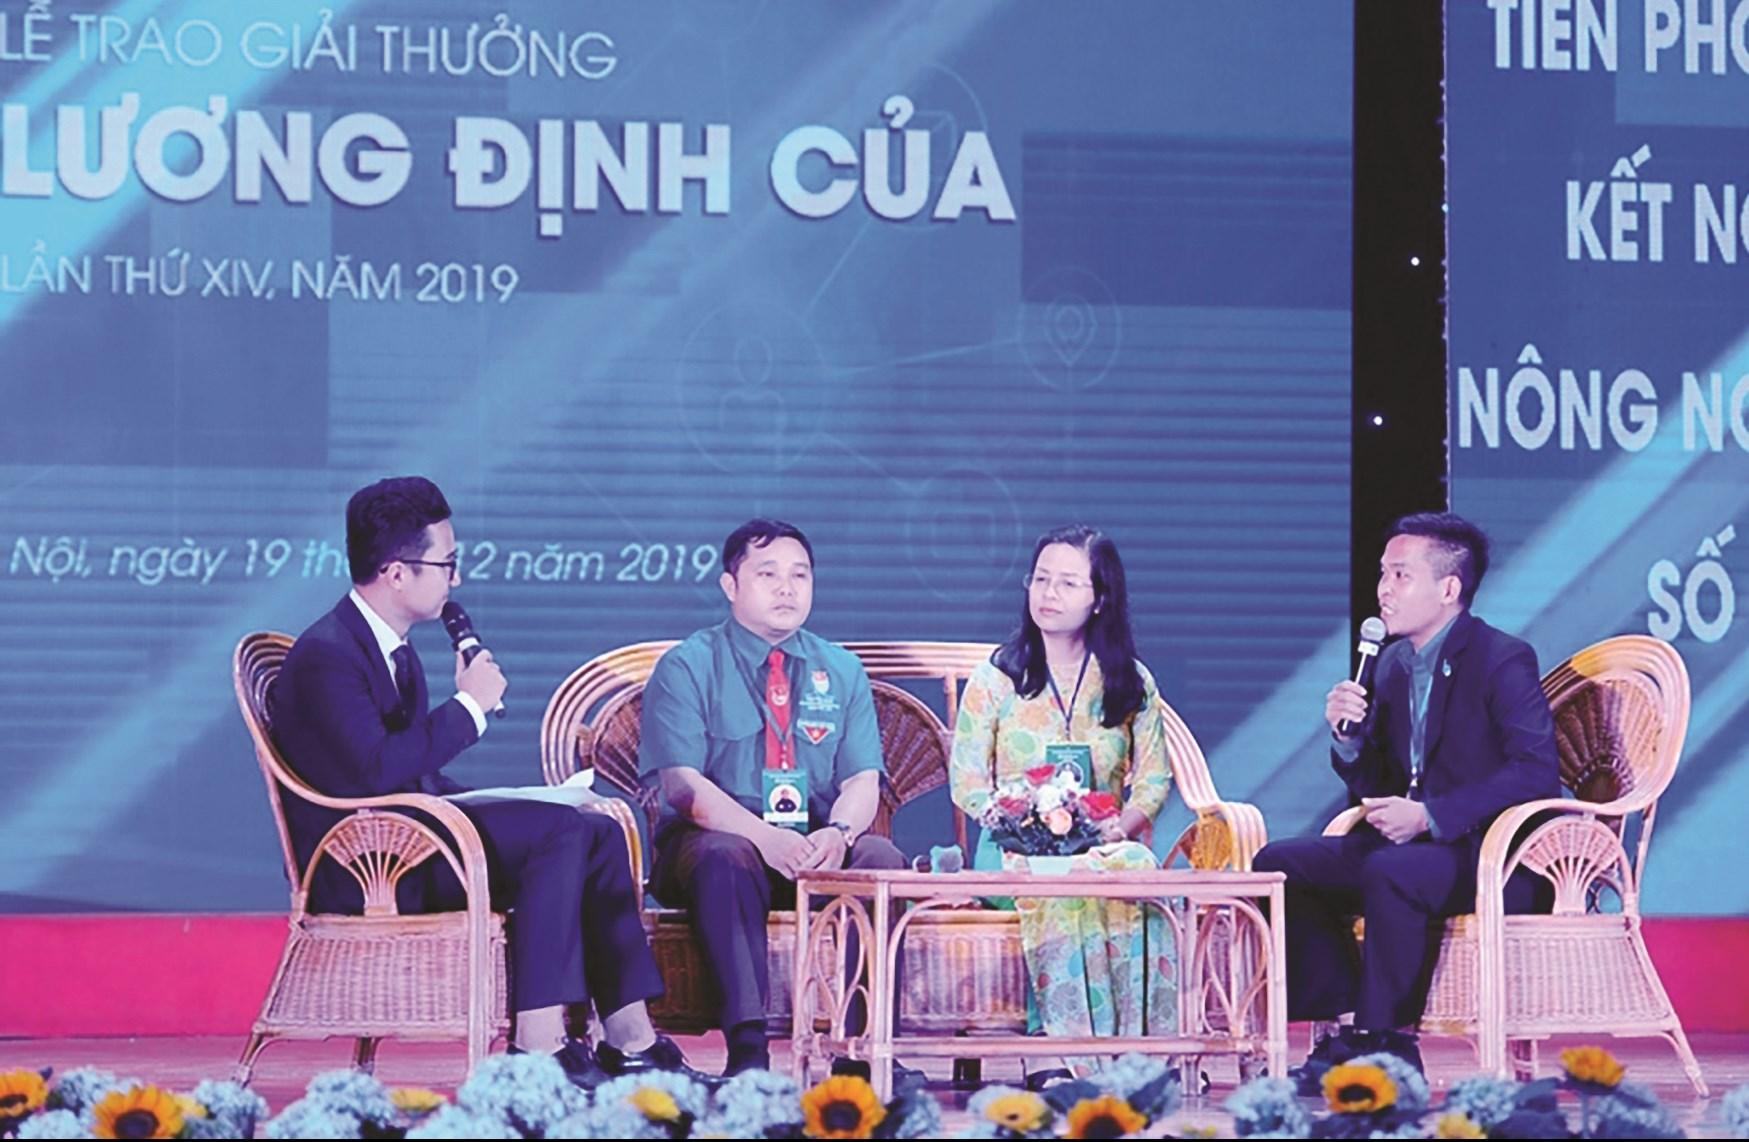 Xồng Bá Dênh (thứ hai từ trái sang) chia sẻ câu chuyện khởi nghiệp từ nông nghiệp tại Lễ trao giải thưởng Lương Định Của năm 2019